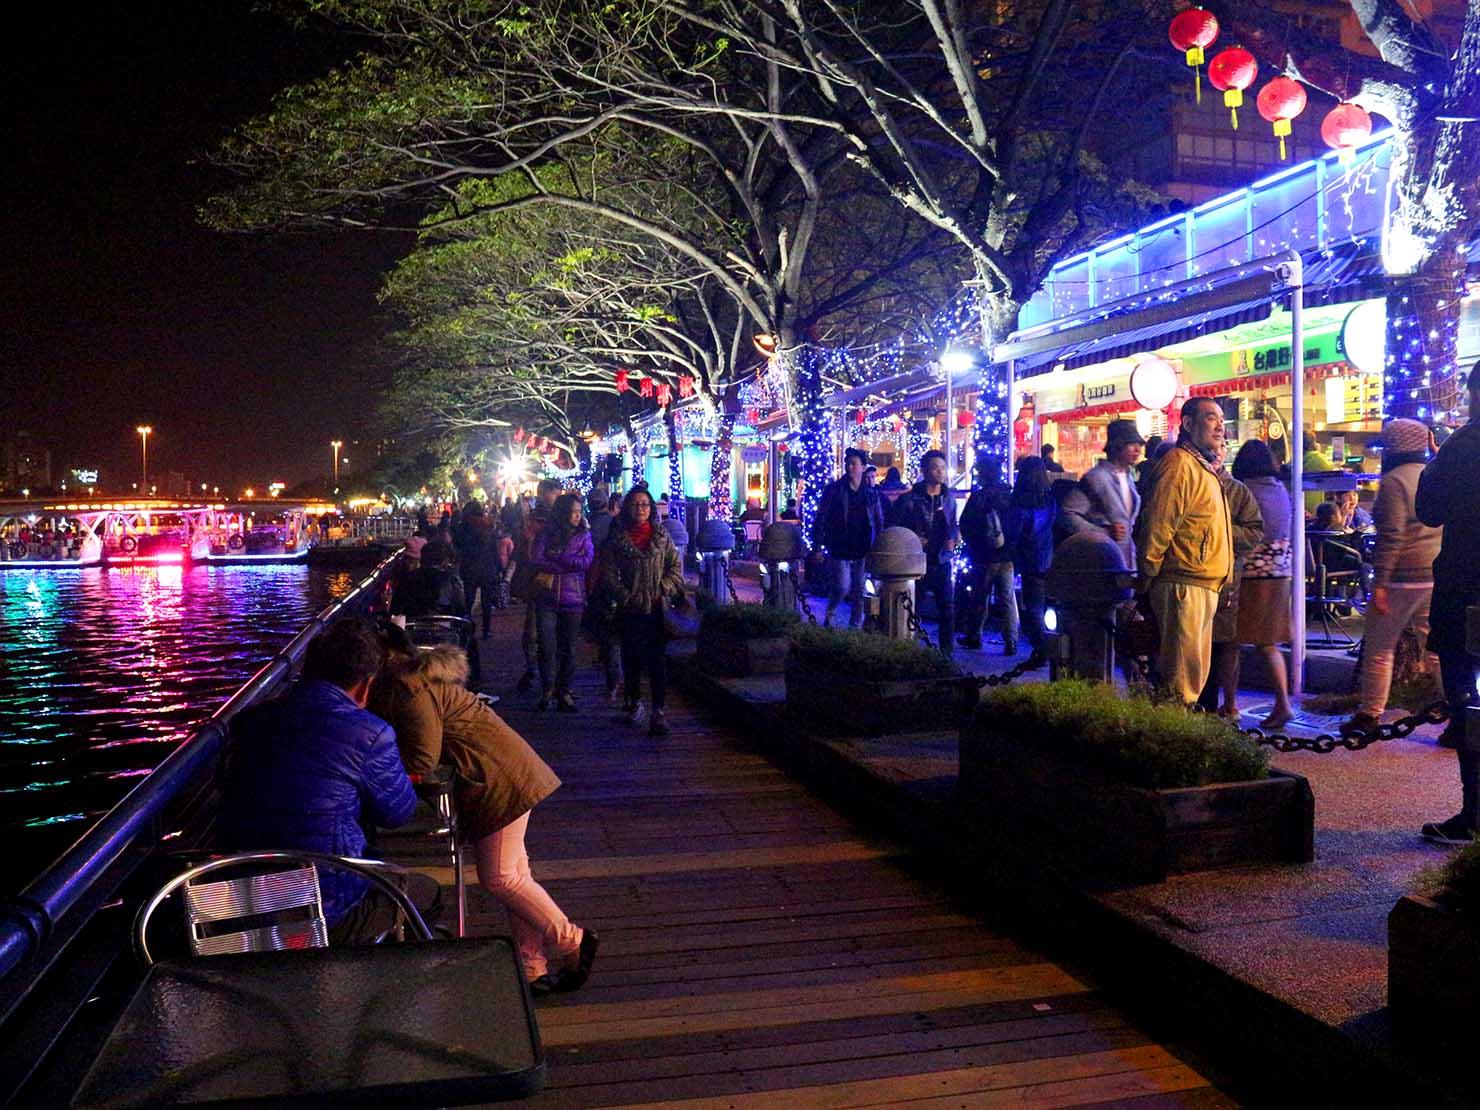 高雄のおすすめ観光スポット「鹽埕埔」愛河沿いに並ぶレストラン